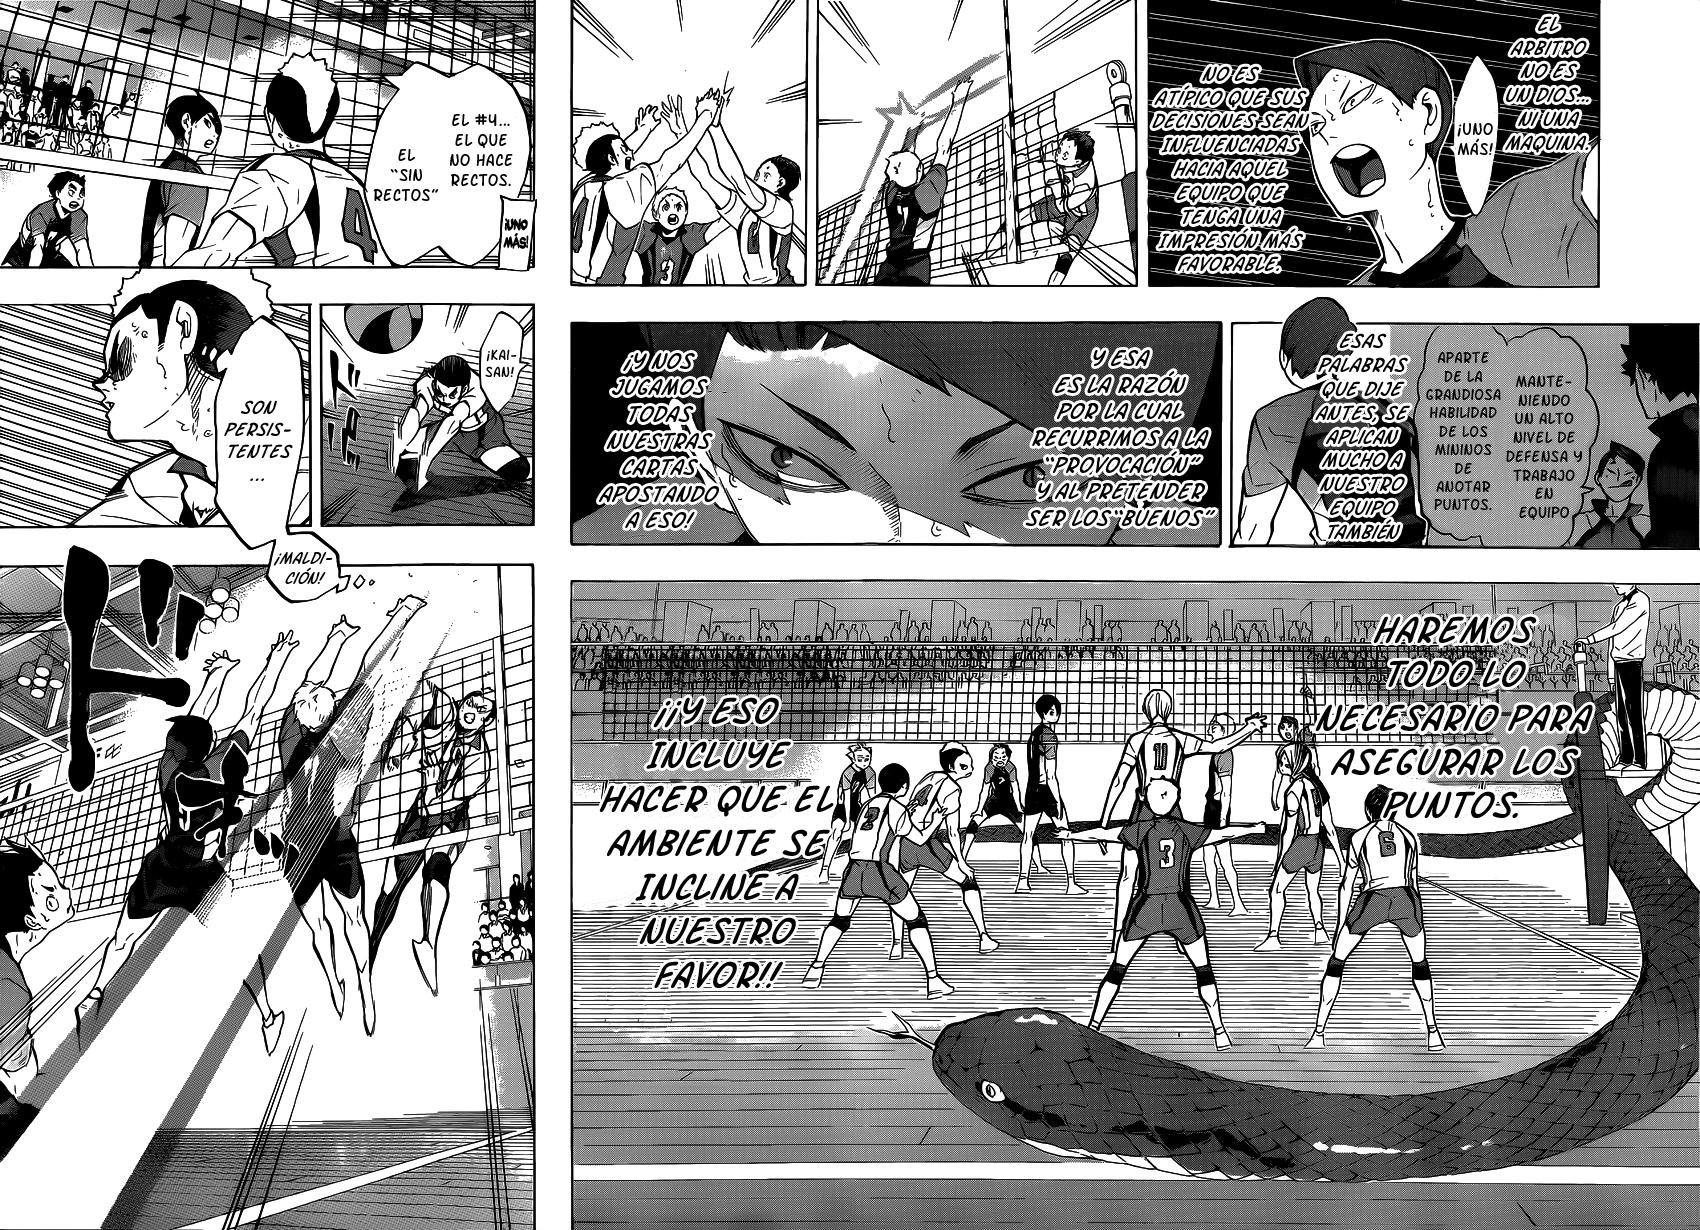 http://c5.ninemanga.com/es_manga/10/10/451544/f2dc24eeb8374eef5003b7c1dae3d51a.jpg Page 8